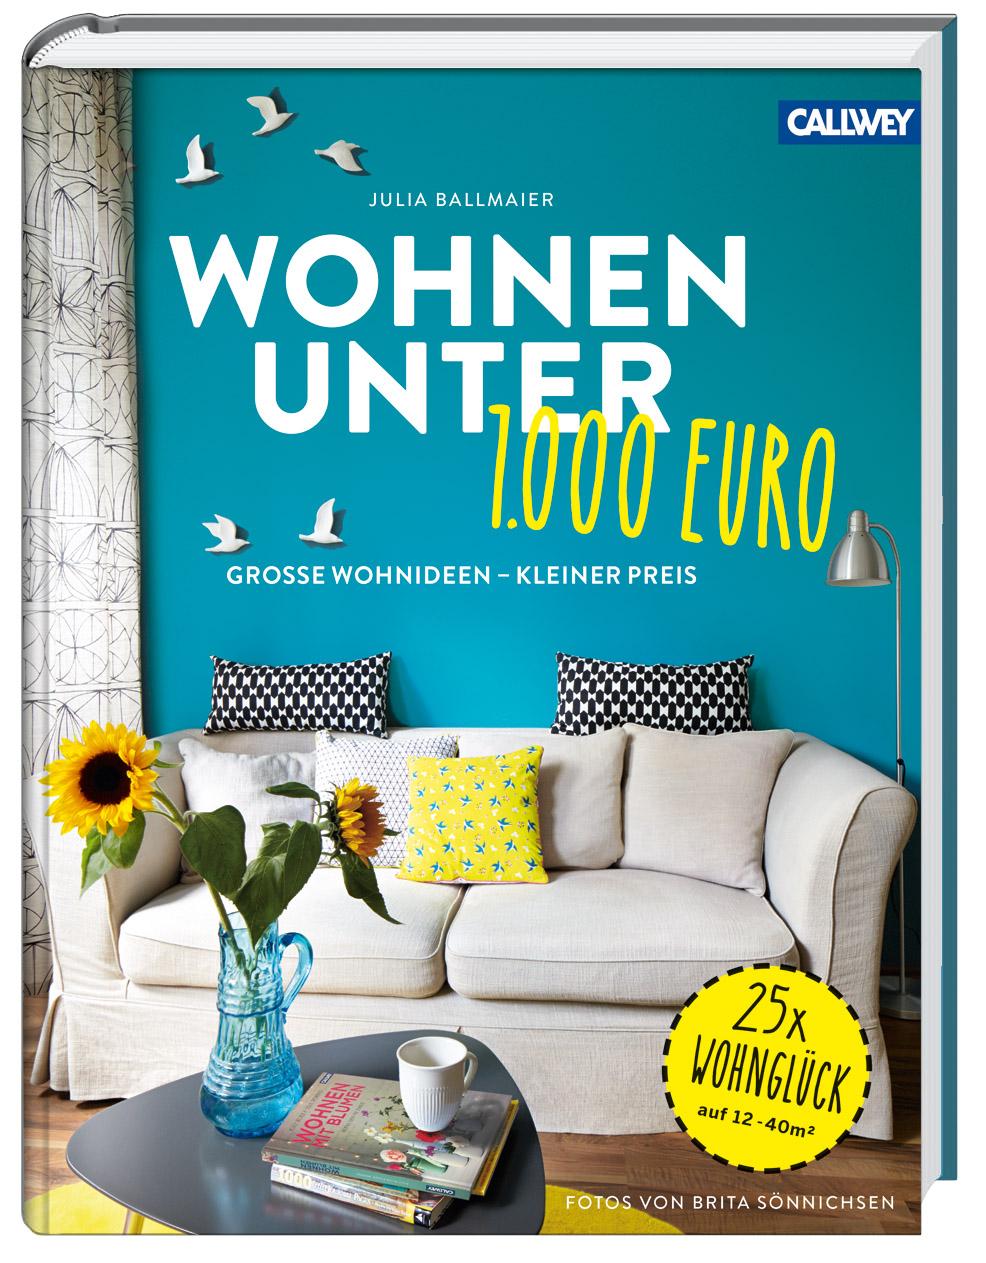 Wohnen unter 1000 Euro | Callwey Wohnbuch